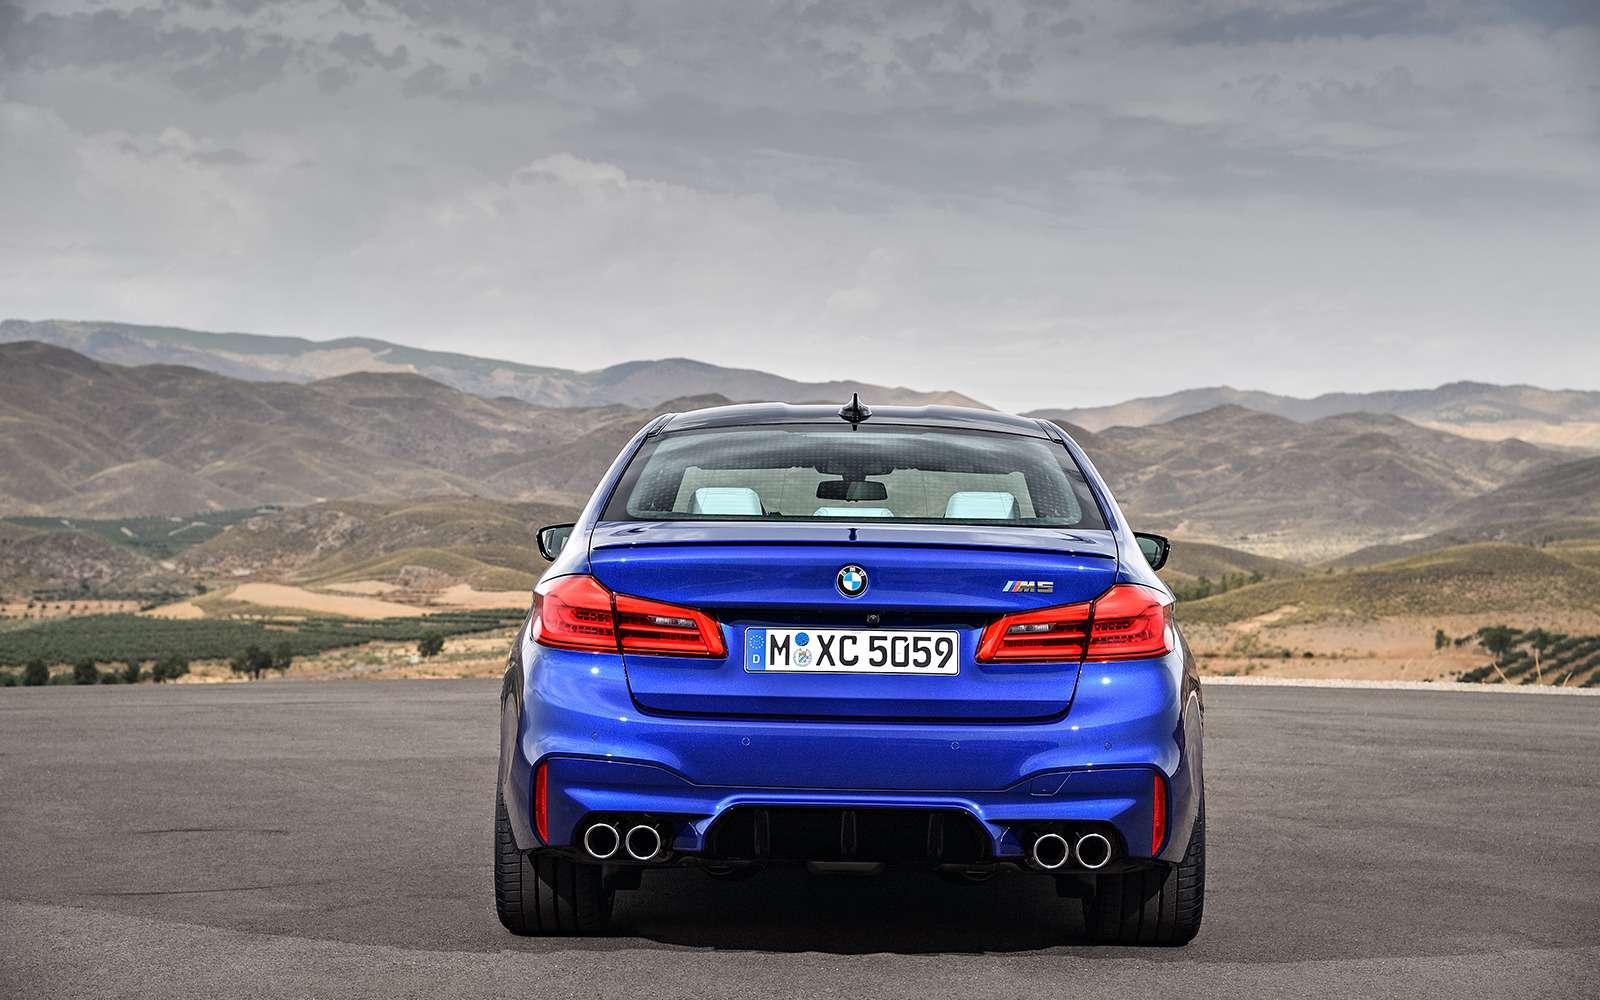 Новый BMW M5: спортседан накаждый день (идлядрифта)— фото 786410